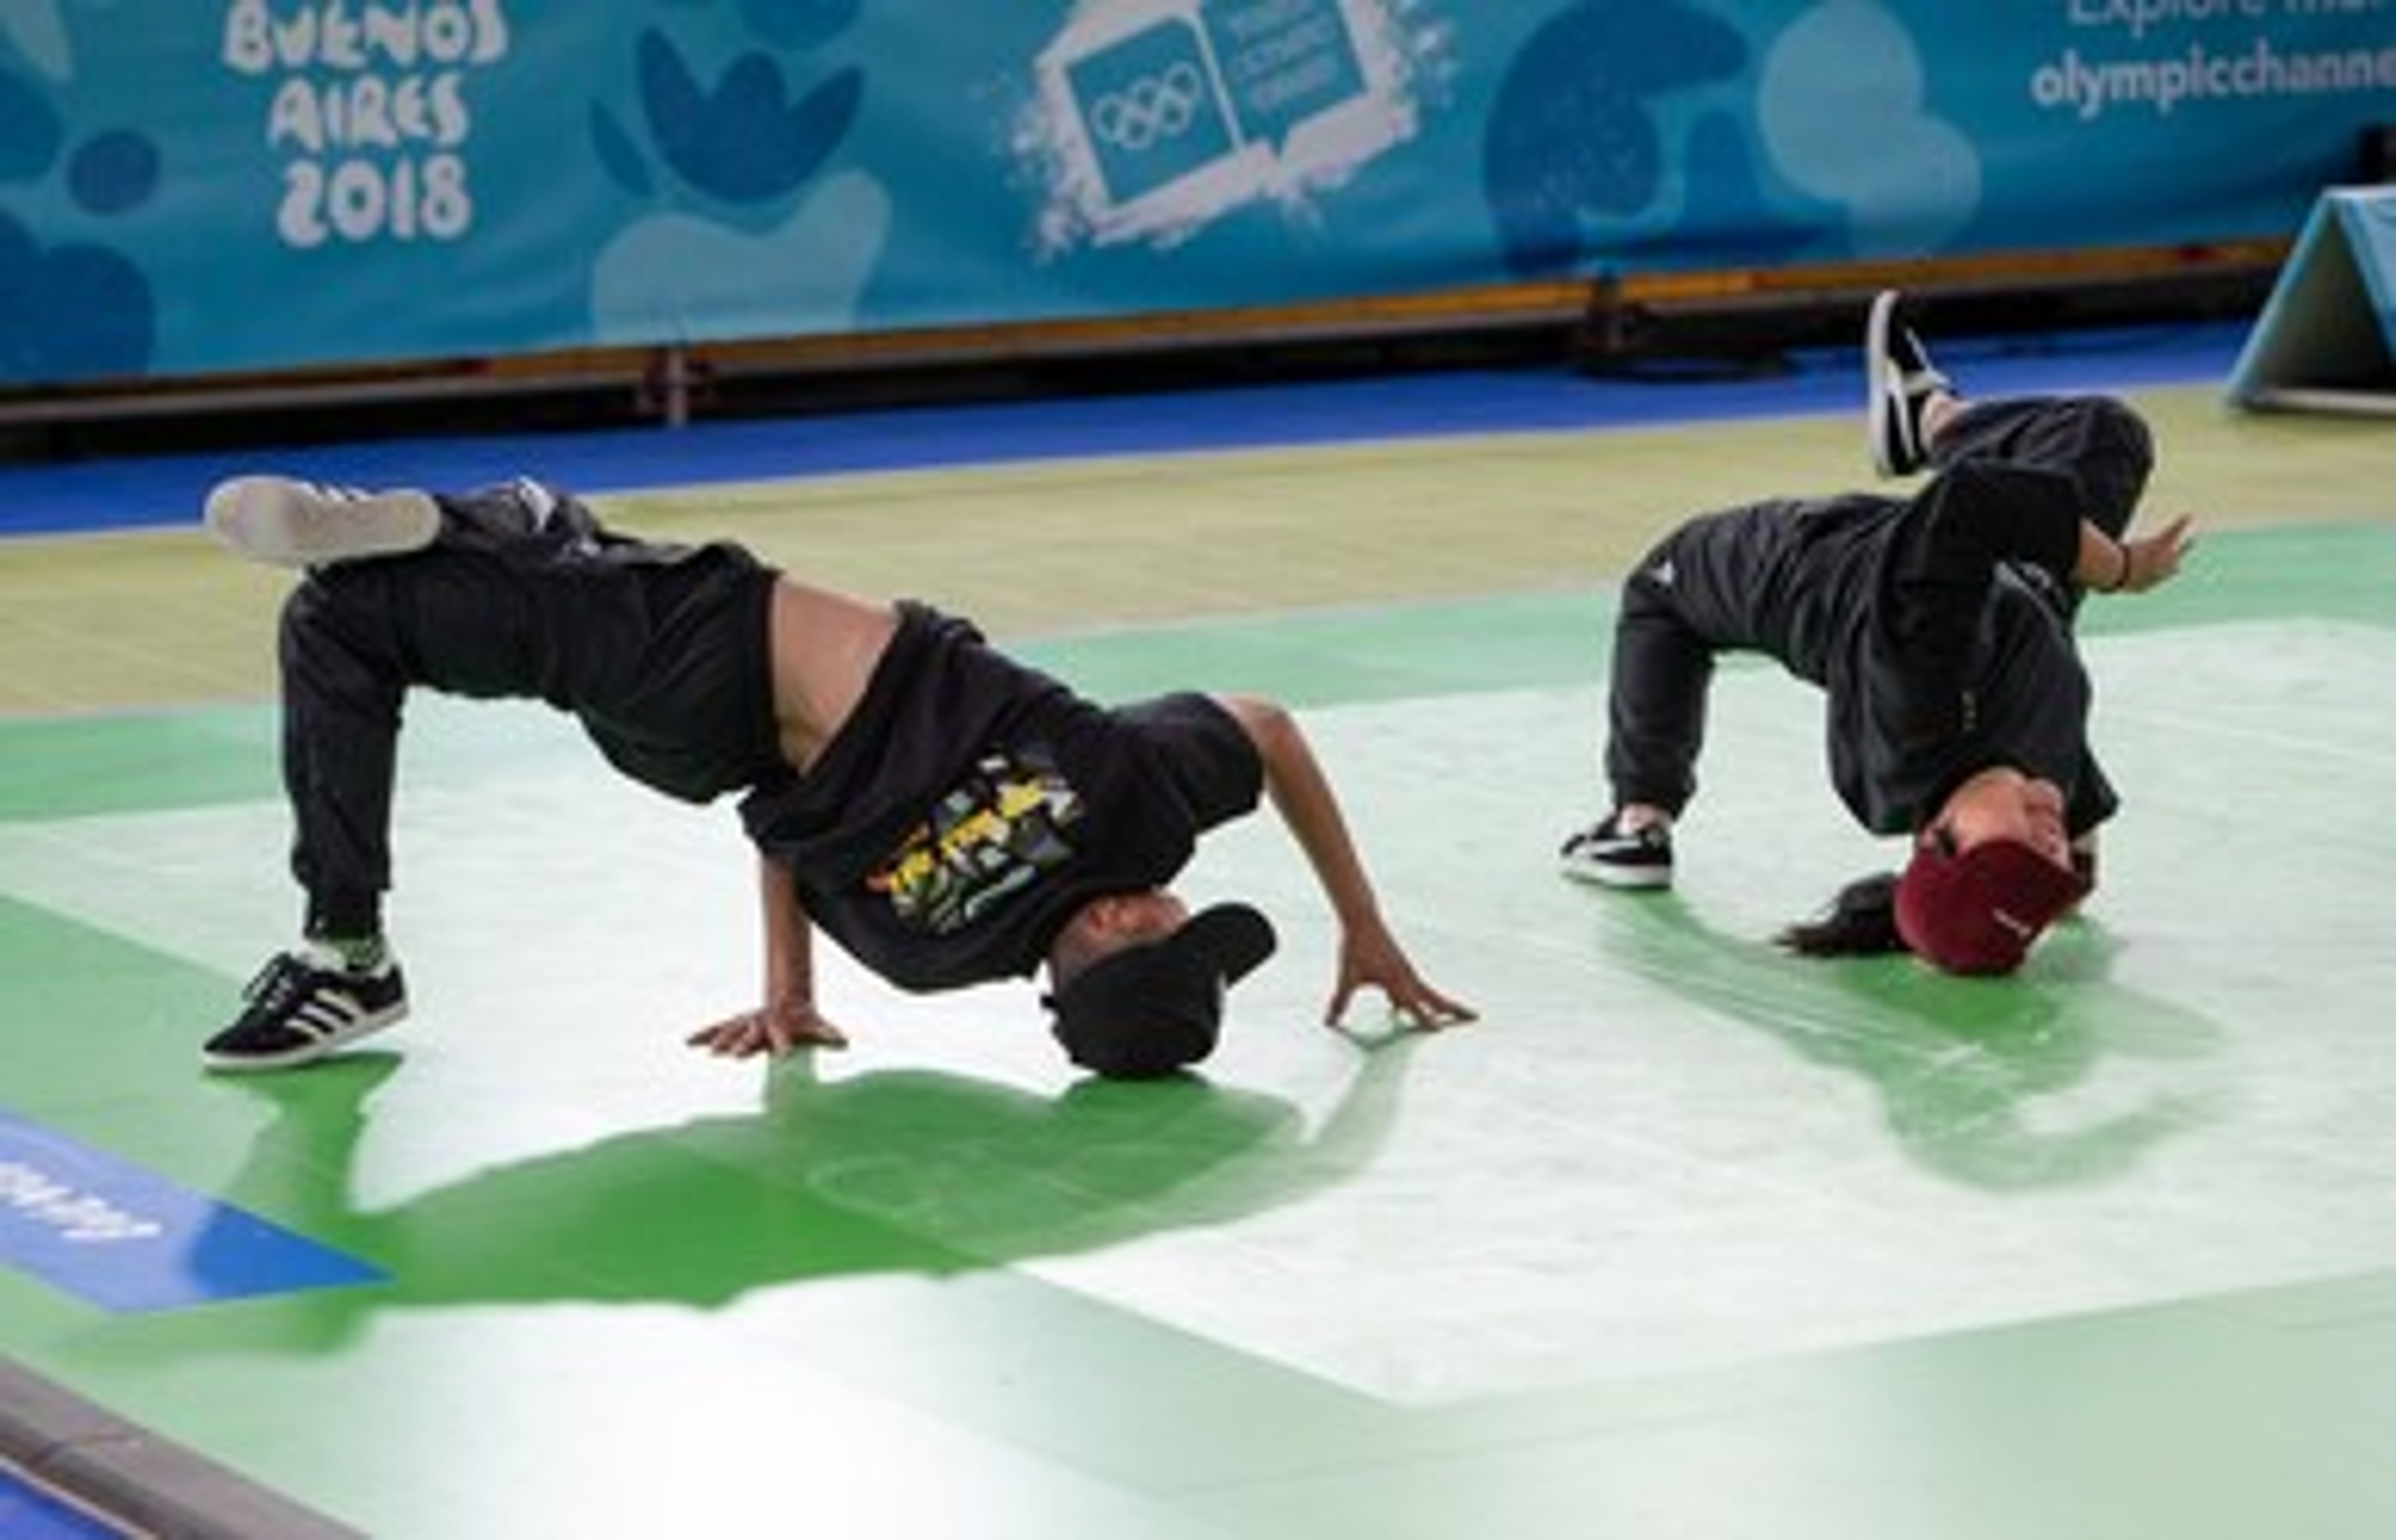 Buenos Aires 2018 - Dance sportive - breaking par équipe mixte